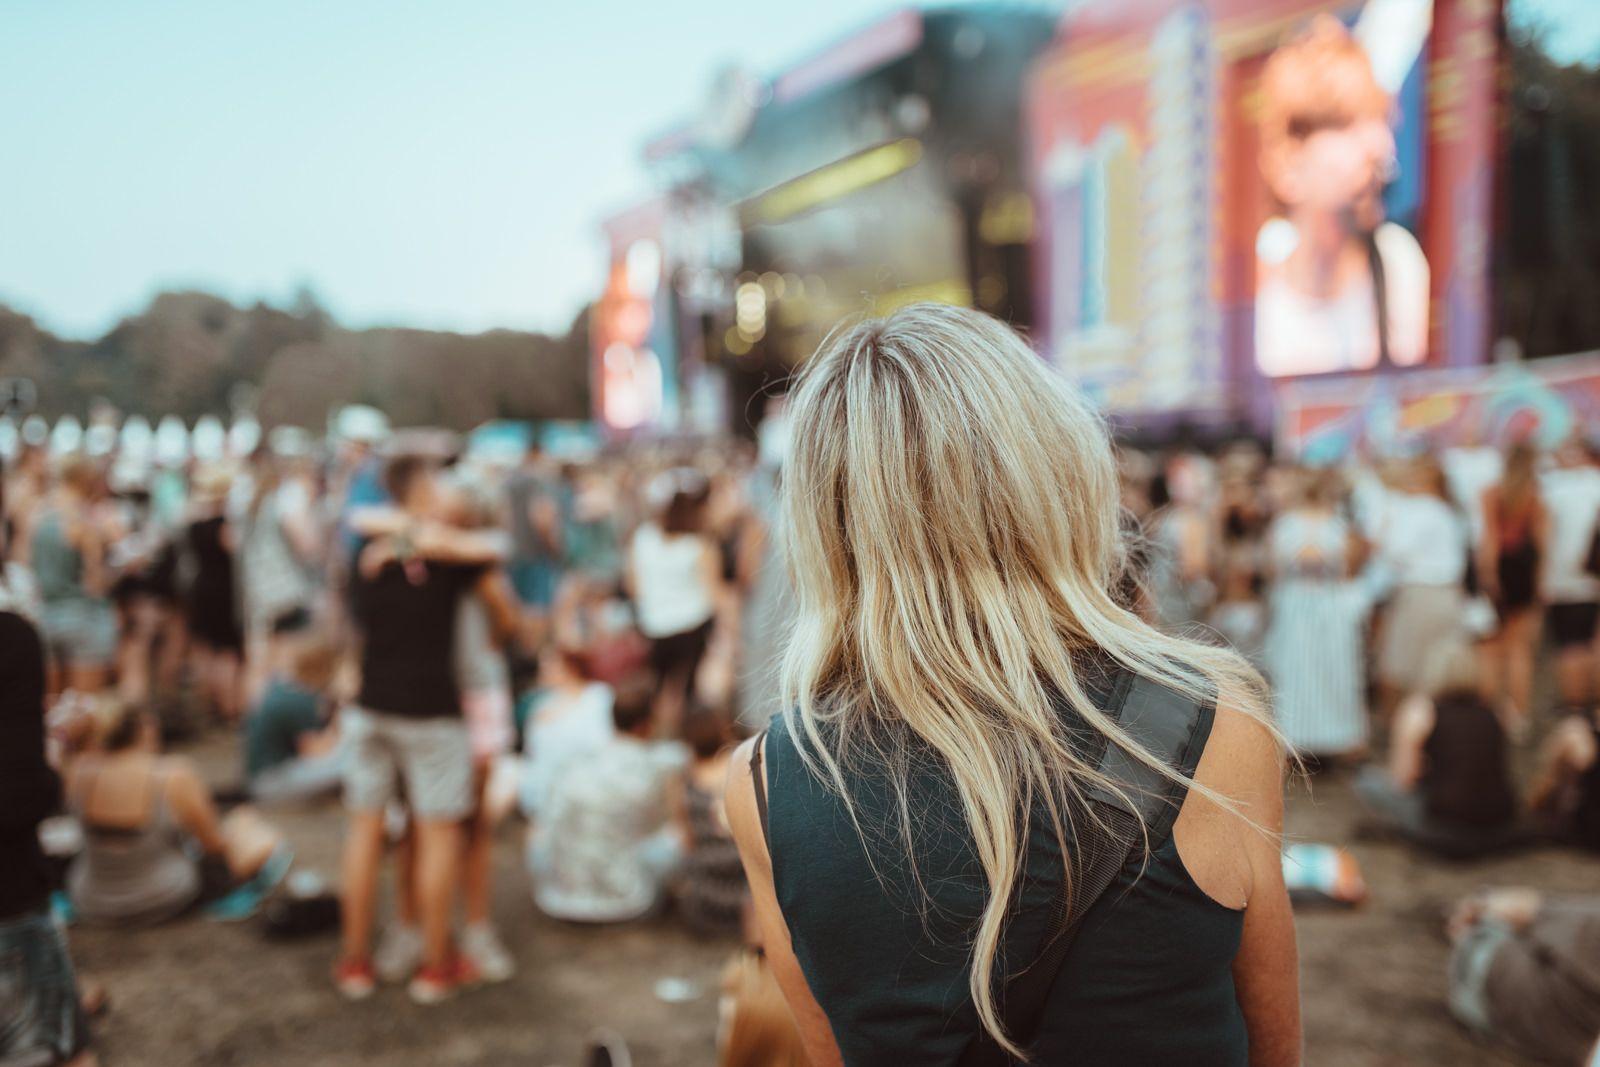 Blonde girl @ Lollapalooza Berlin Festival 2016